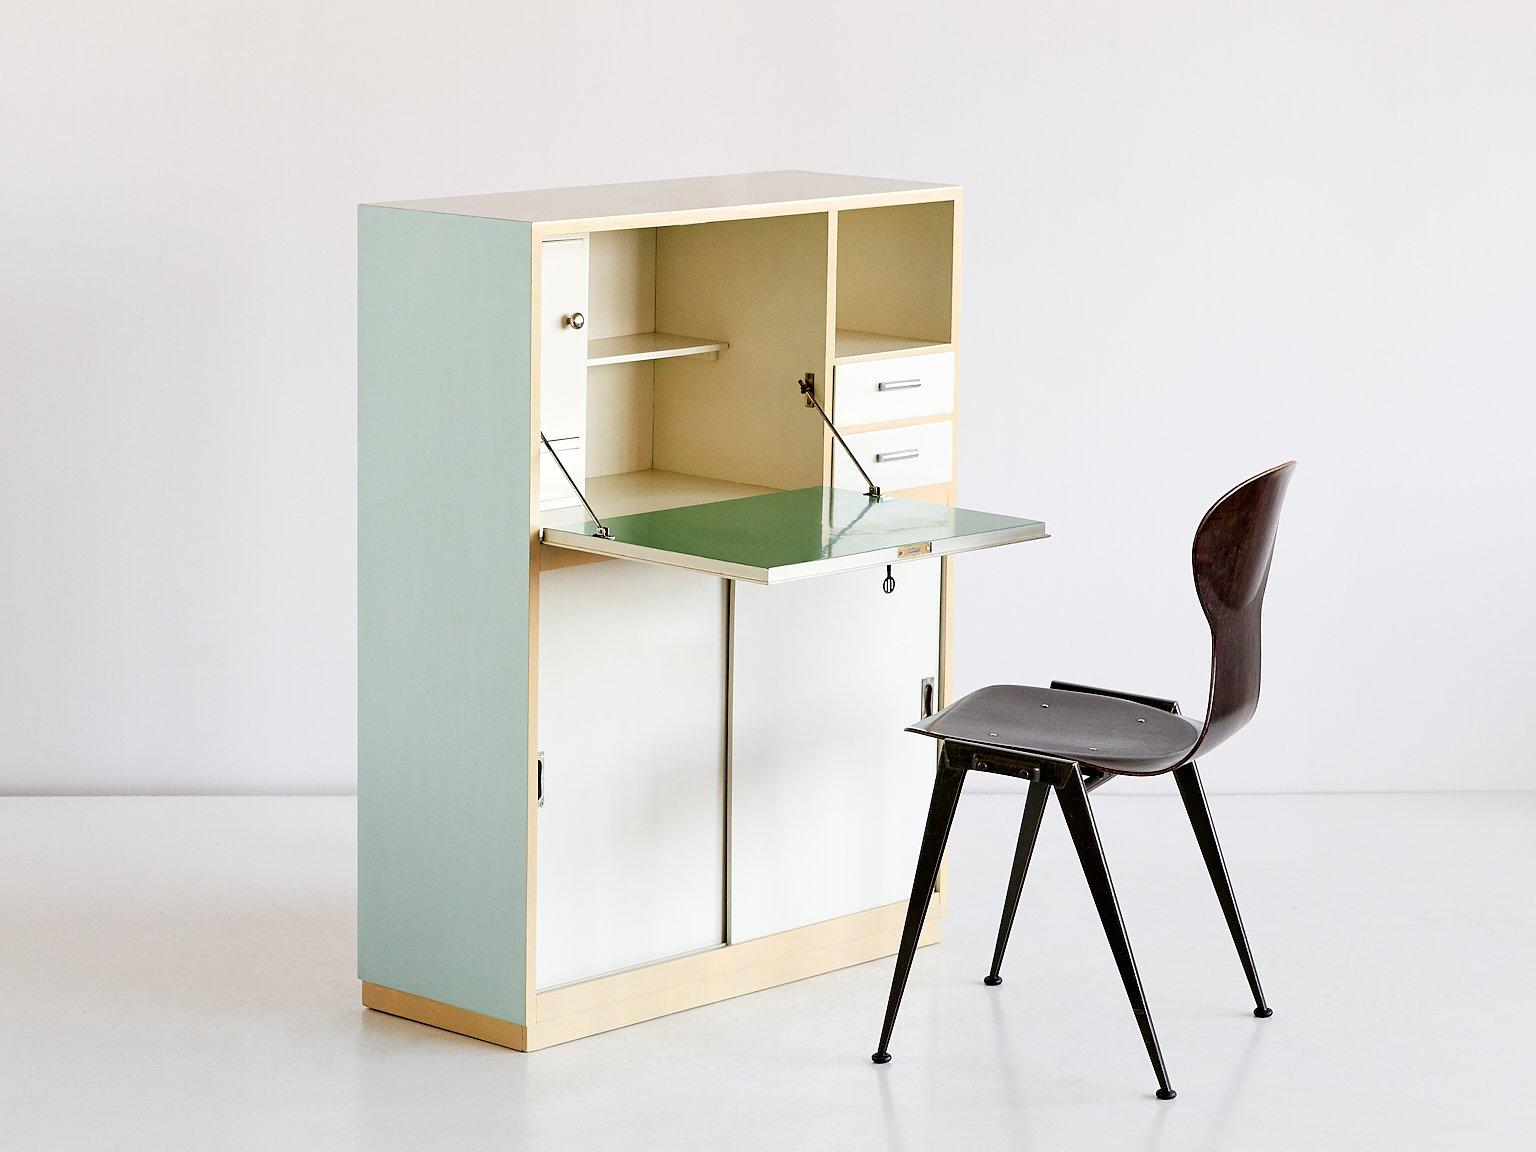 moderner sekret r schrank von willem penaat f r metz co 1930 bei pamono kaufen. Black Bedroom Furniture Sets. Home Design Ideas